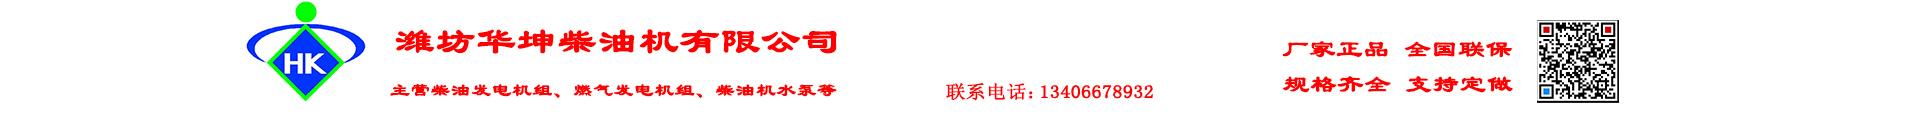 潍坊华坤柴油机有限公司